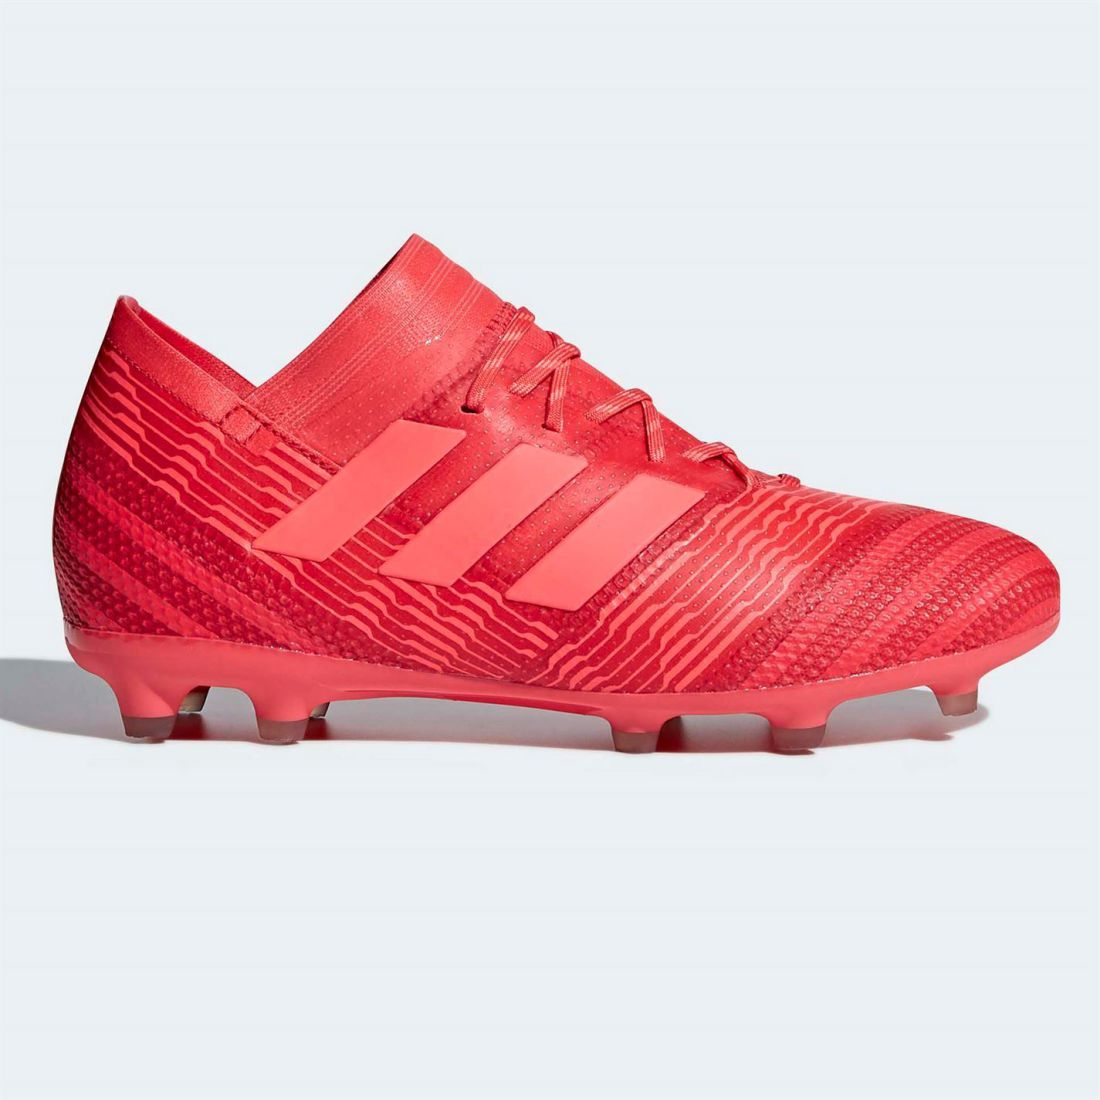 5d8ff2954 adidas Kids Nemeziz 17.1 Junior FG Football Boots Firm Ground Lace ...